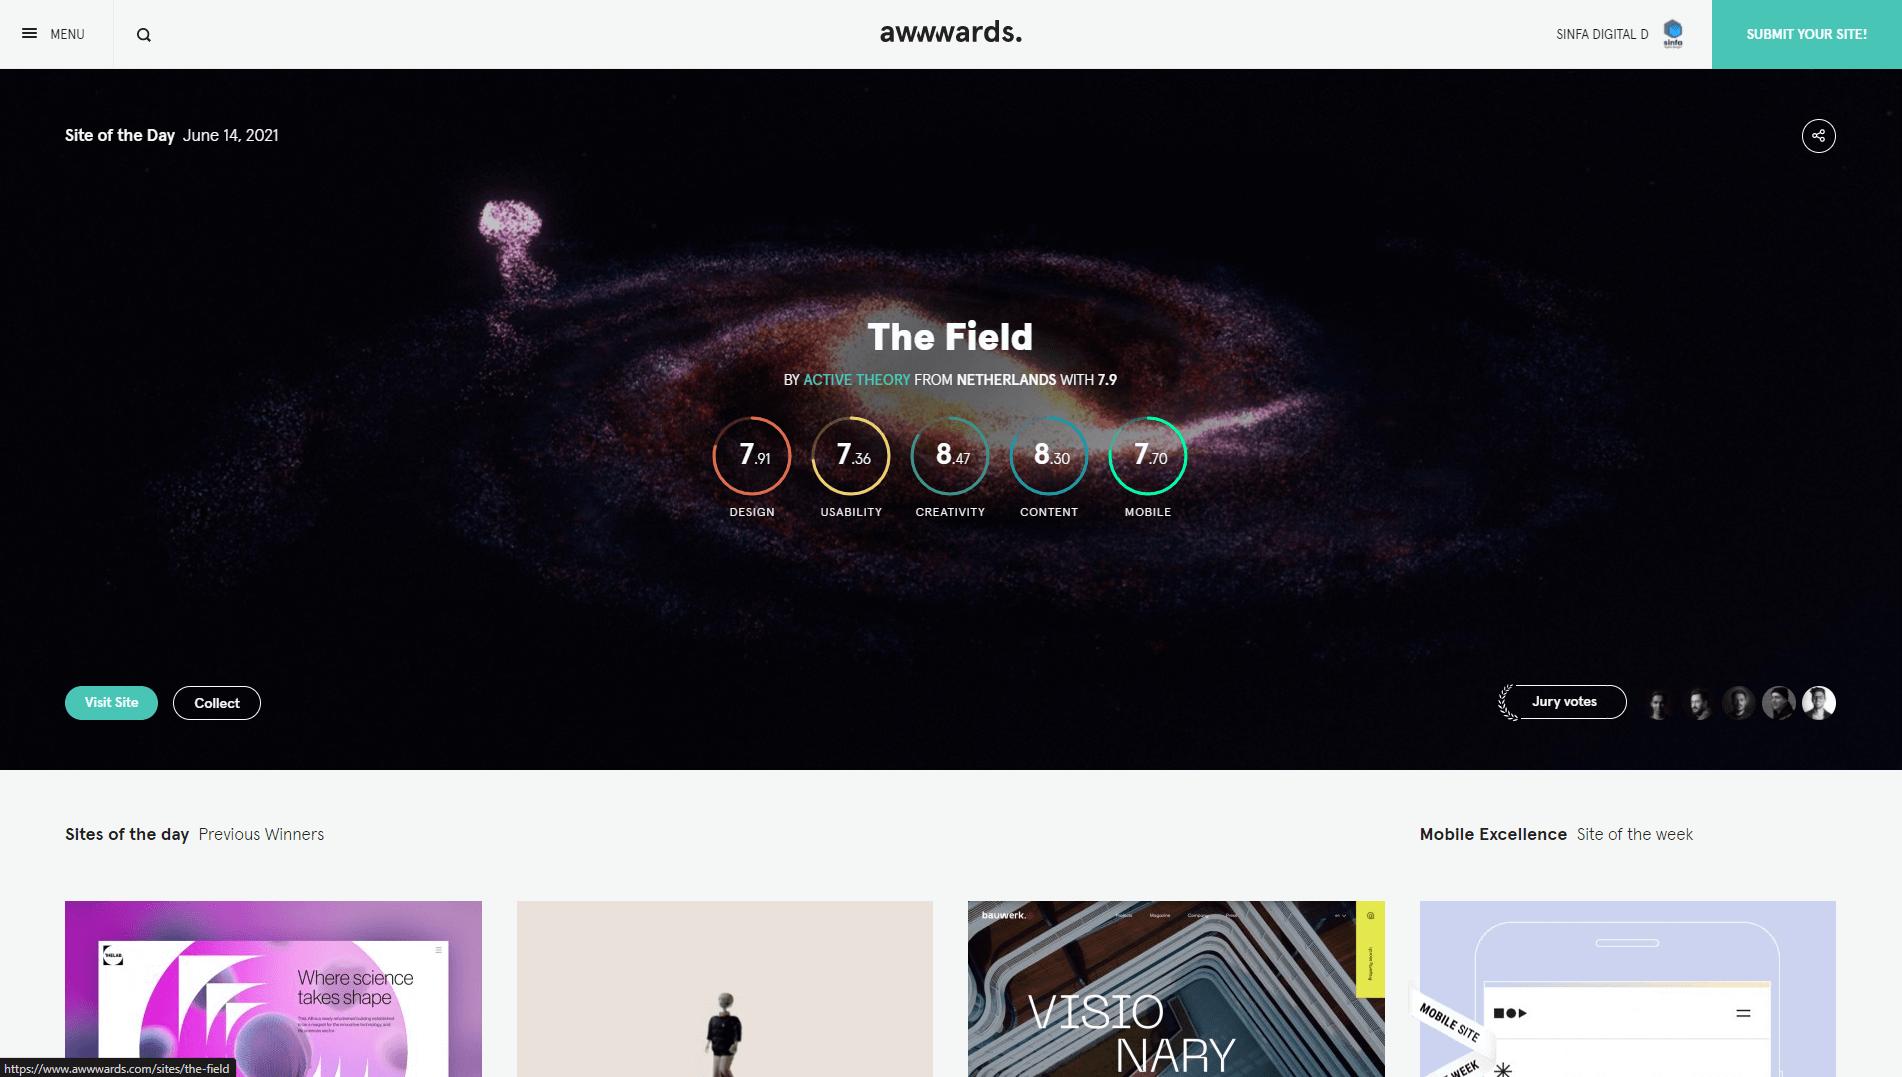 Sinfa Digital - Our Website Design Awards & Recognitions Sinfa Digital Designs